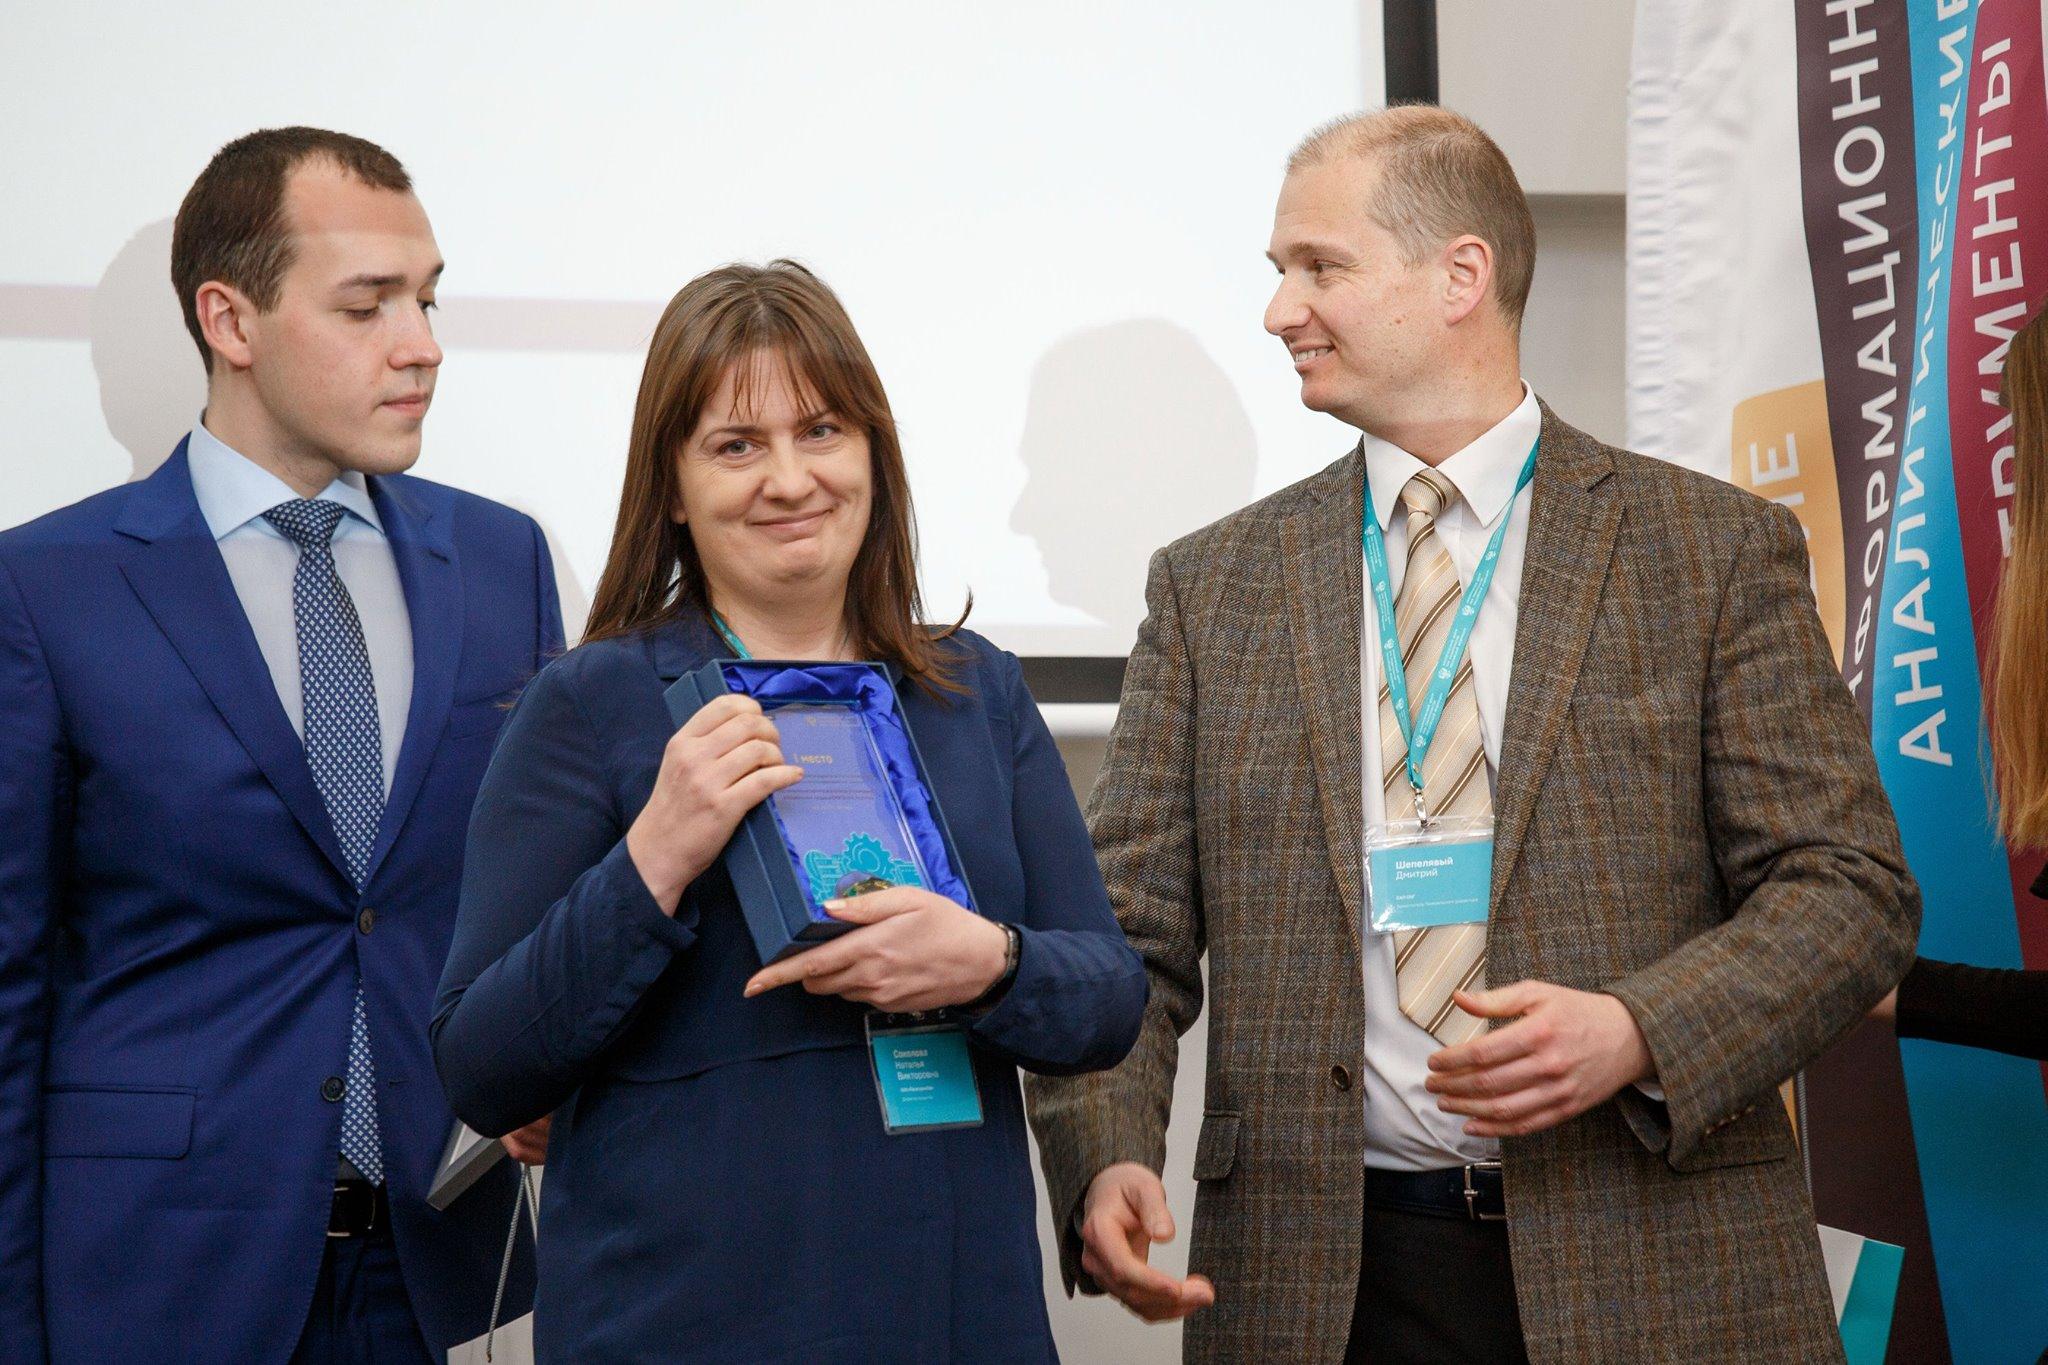 Награждается Наталья Соколова, CEO компании Brand Analytics